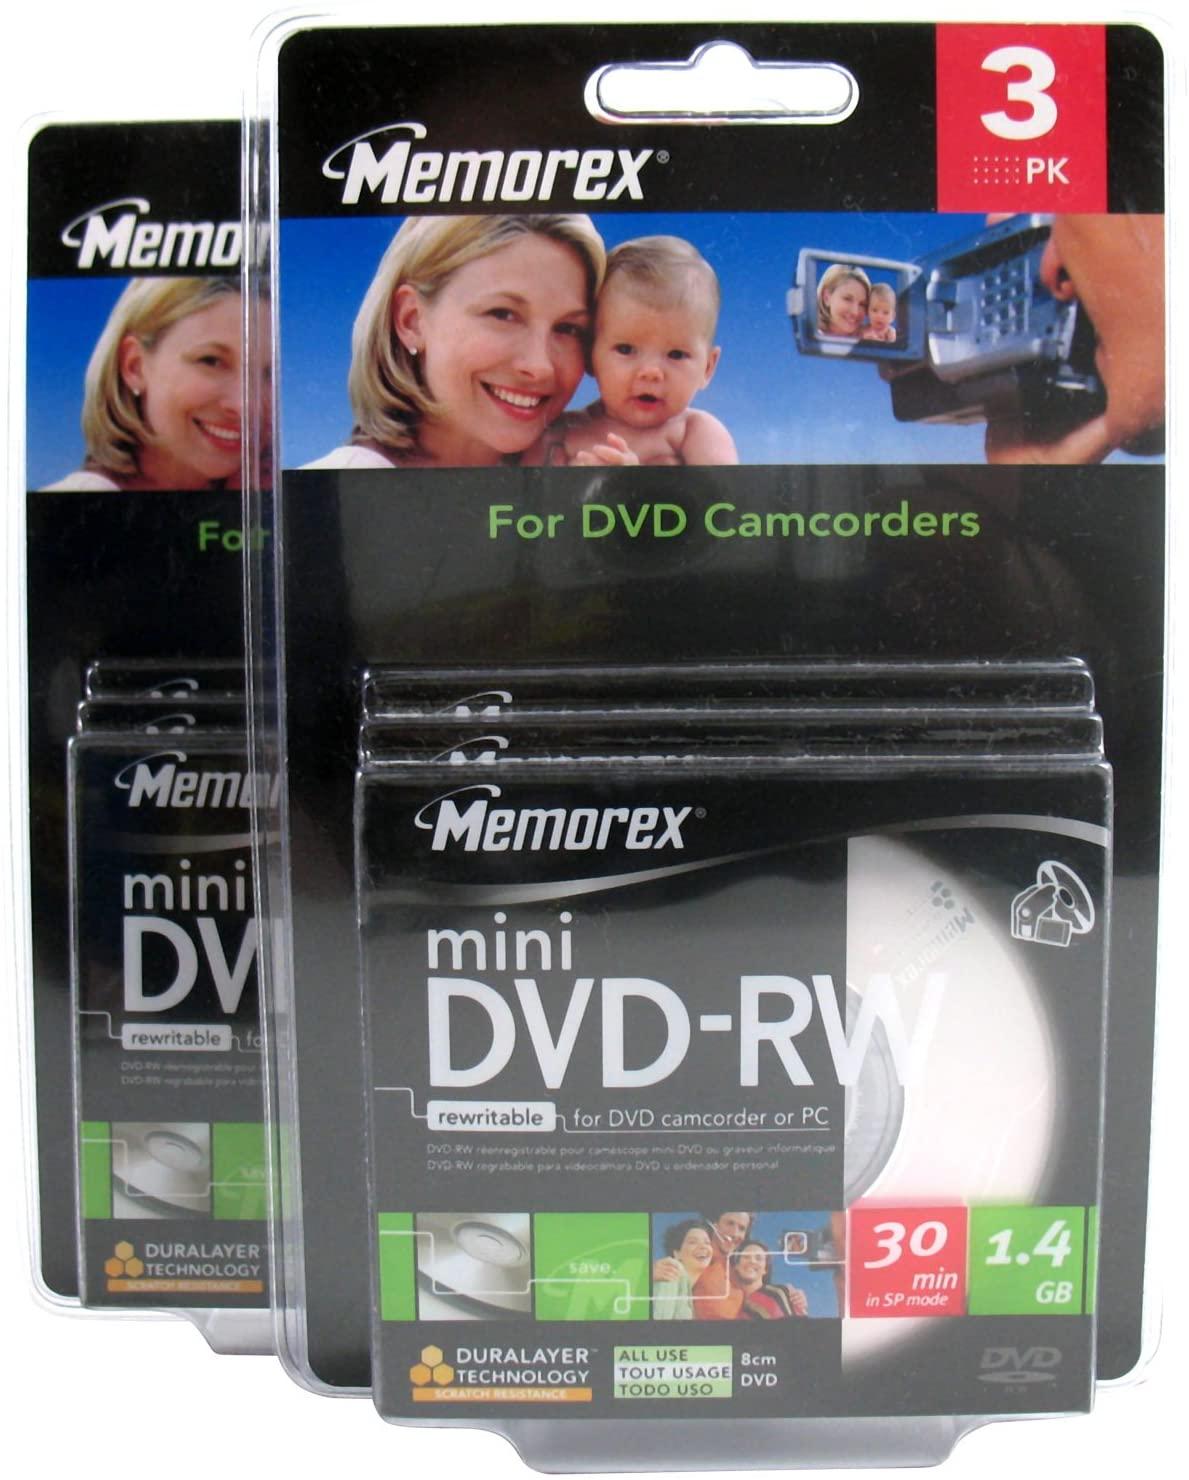 Memorex - Mini DVD-RW - 30 Min - 1.4GB - 2 X (3 Pack) - 6 Discs